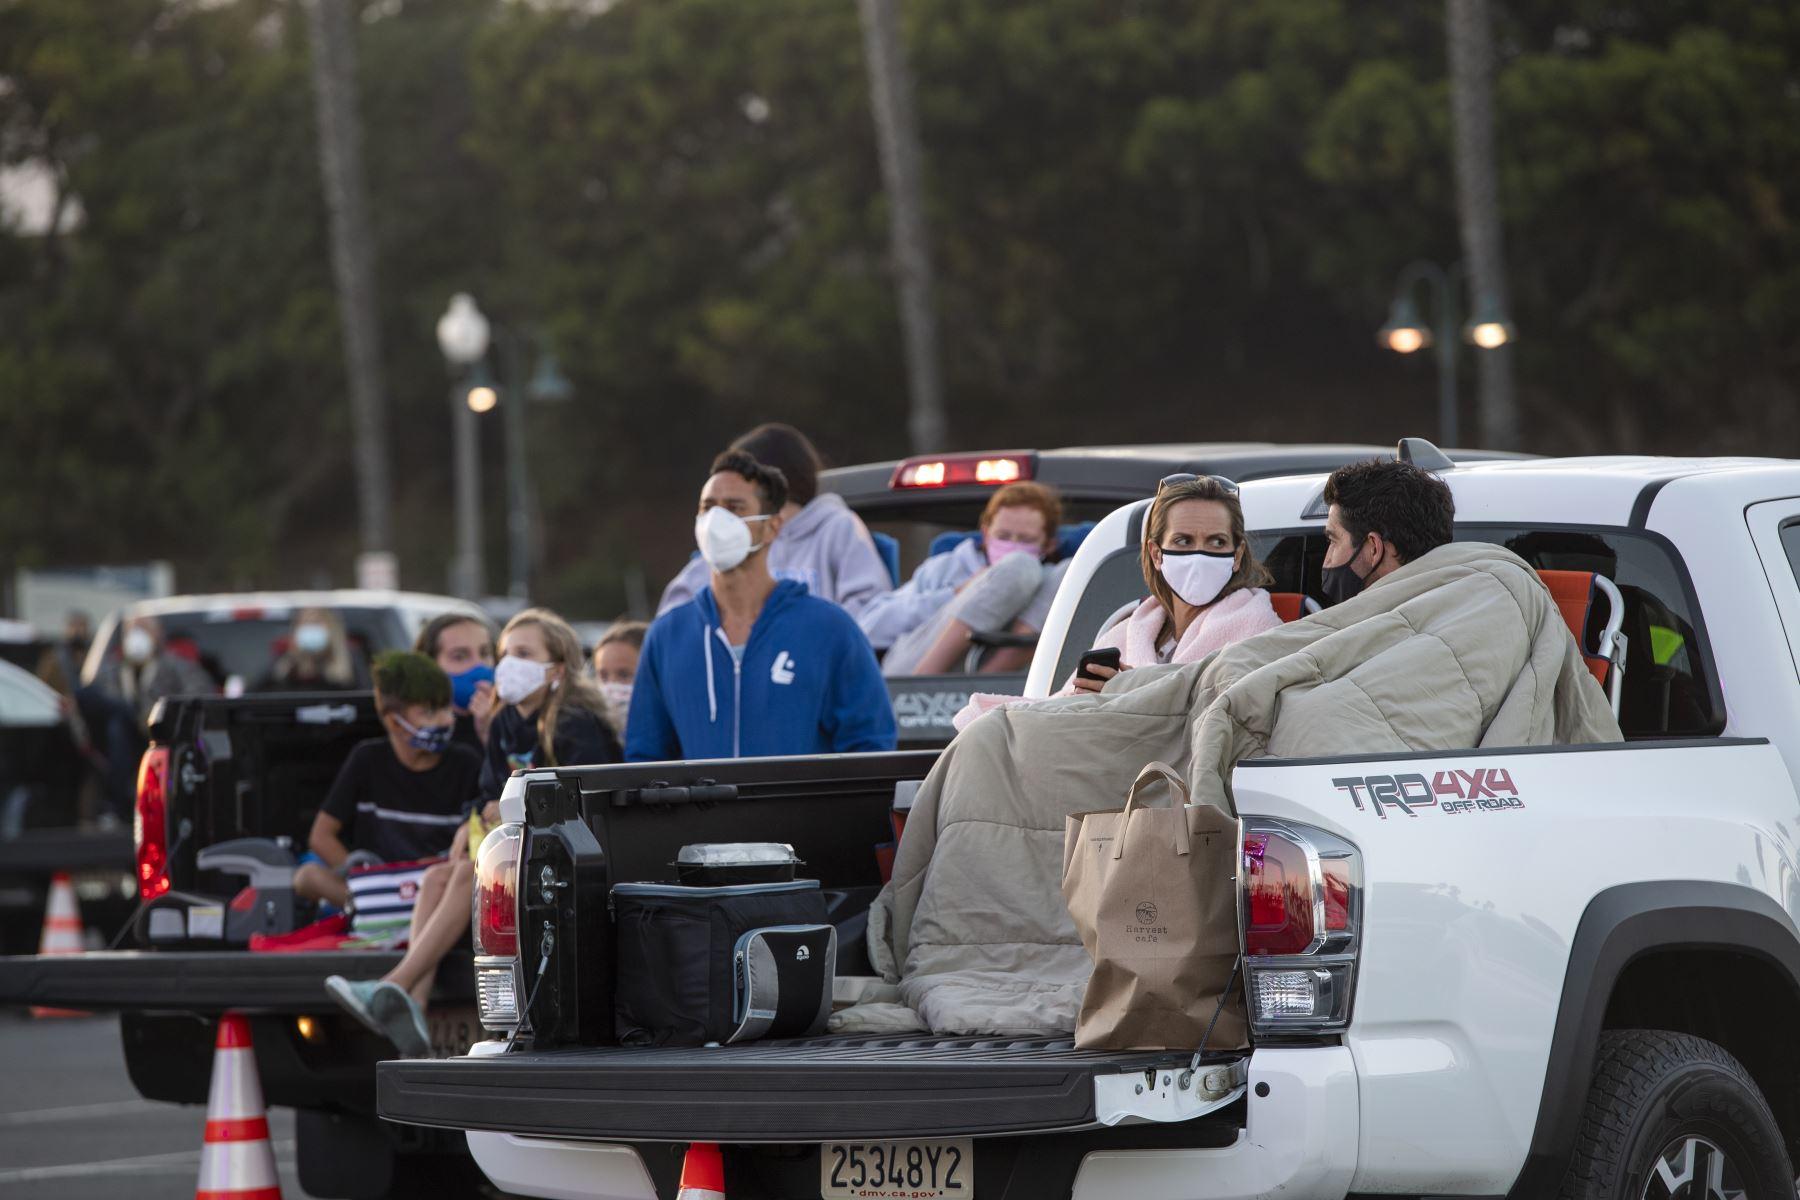 Familias aprecian el espectáculo de circo desde sus vehículos aparcados en el estacionamiento de Ventura, en California. Foto: AFP